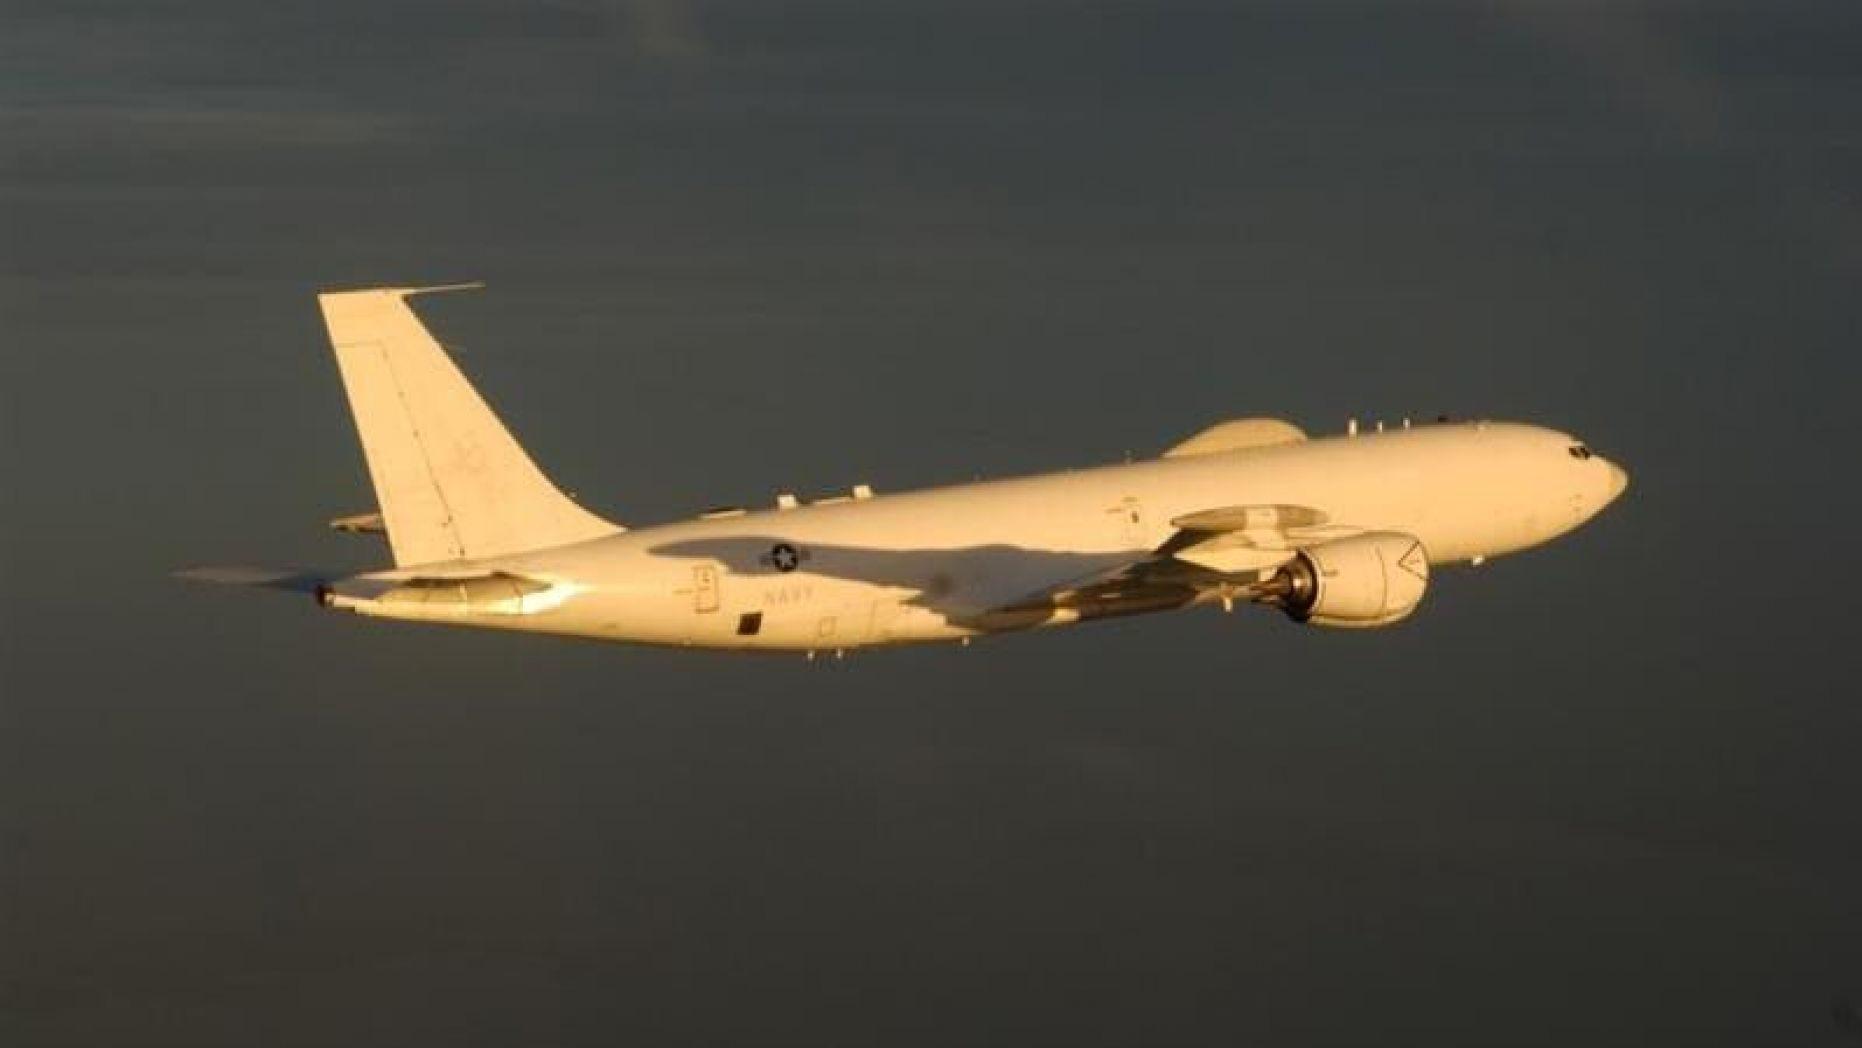 2020年10月2日,在美國總統特朗普感染中共病毒(武漢肺炎)入院之前,兩架美國波音E-6B「水星」核指揮飛機飛越美國領空,向對方發出明確警告,請不要輕舉妄動。(Naval Air Systems Command)